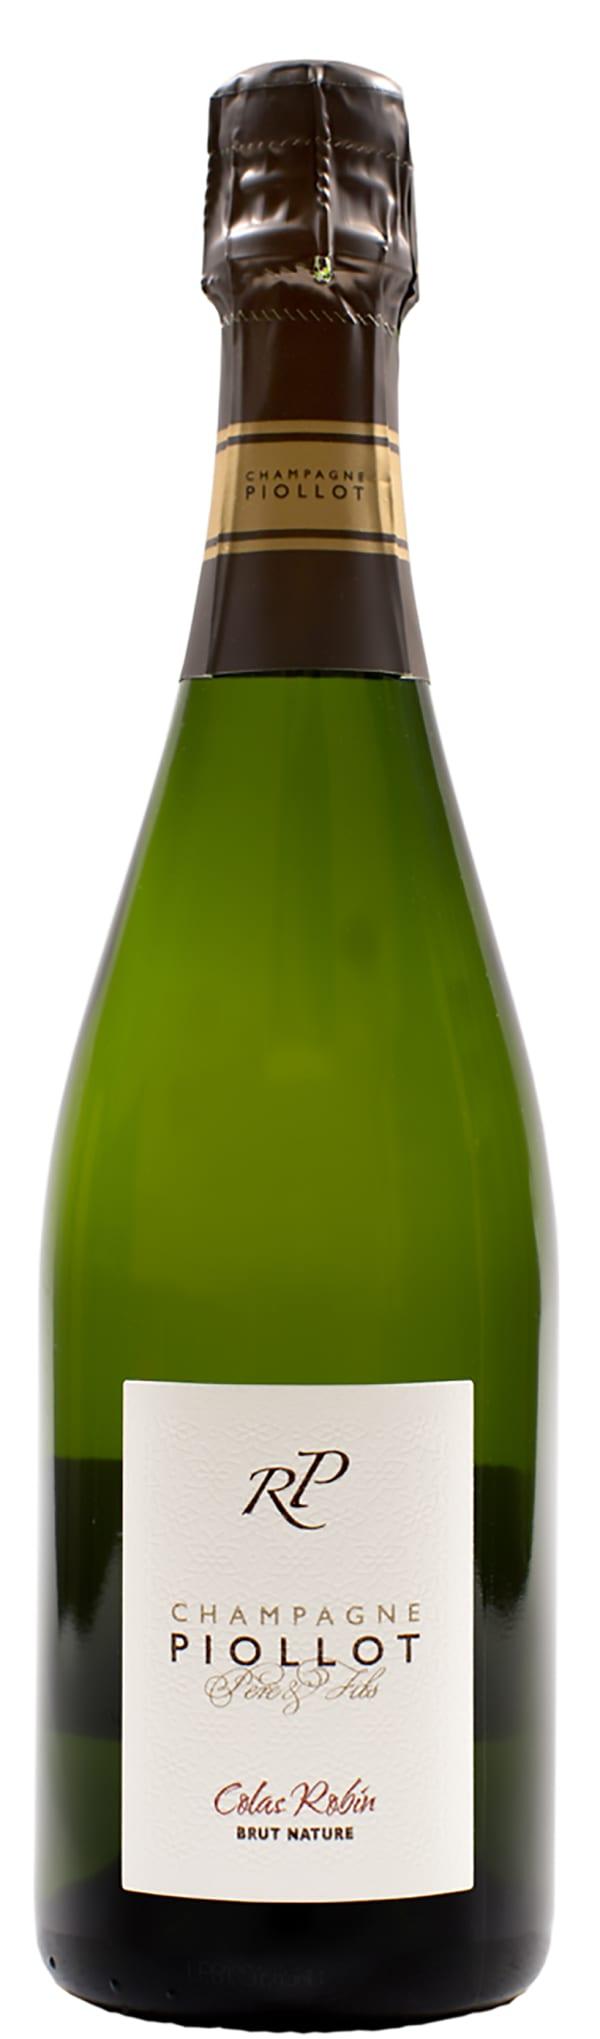 Piollot Colas Robin Champagne Brut Nature 2013